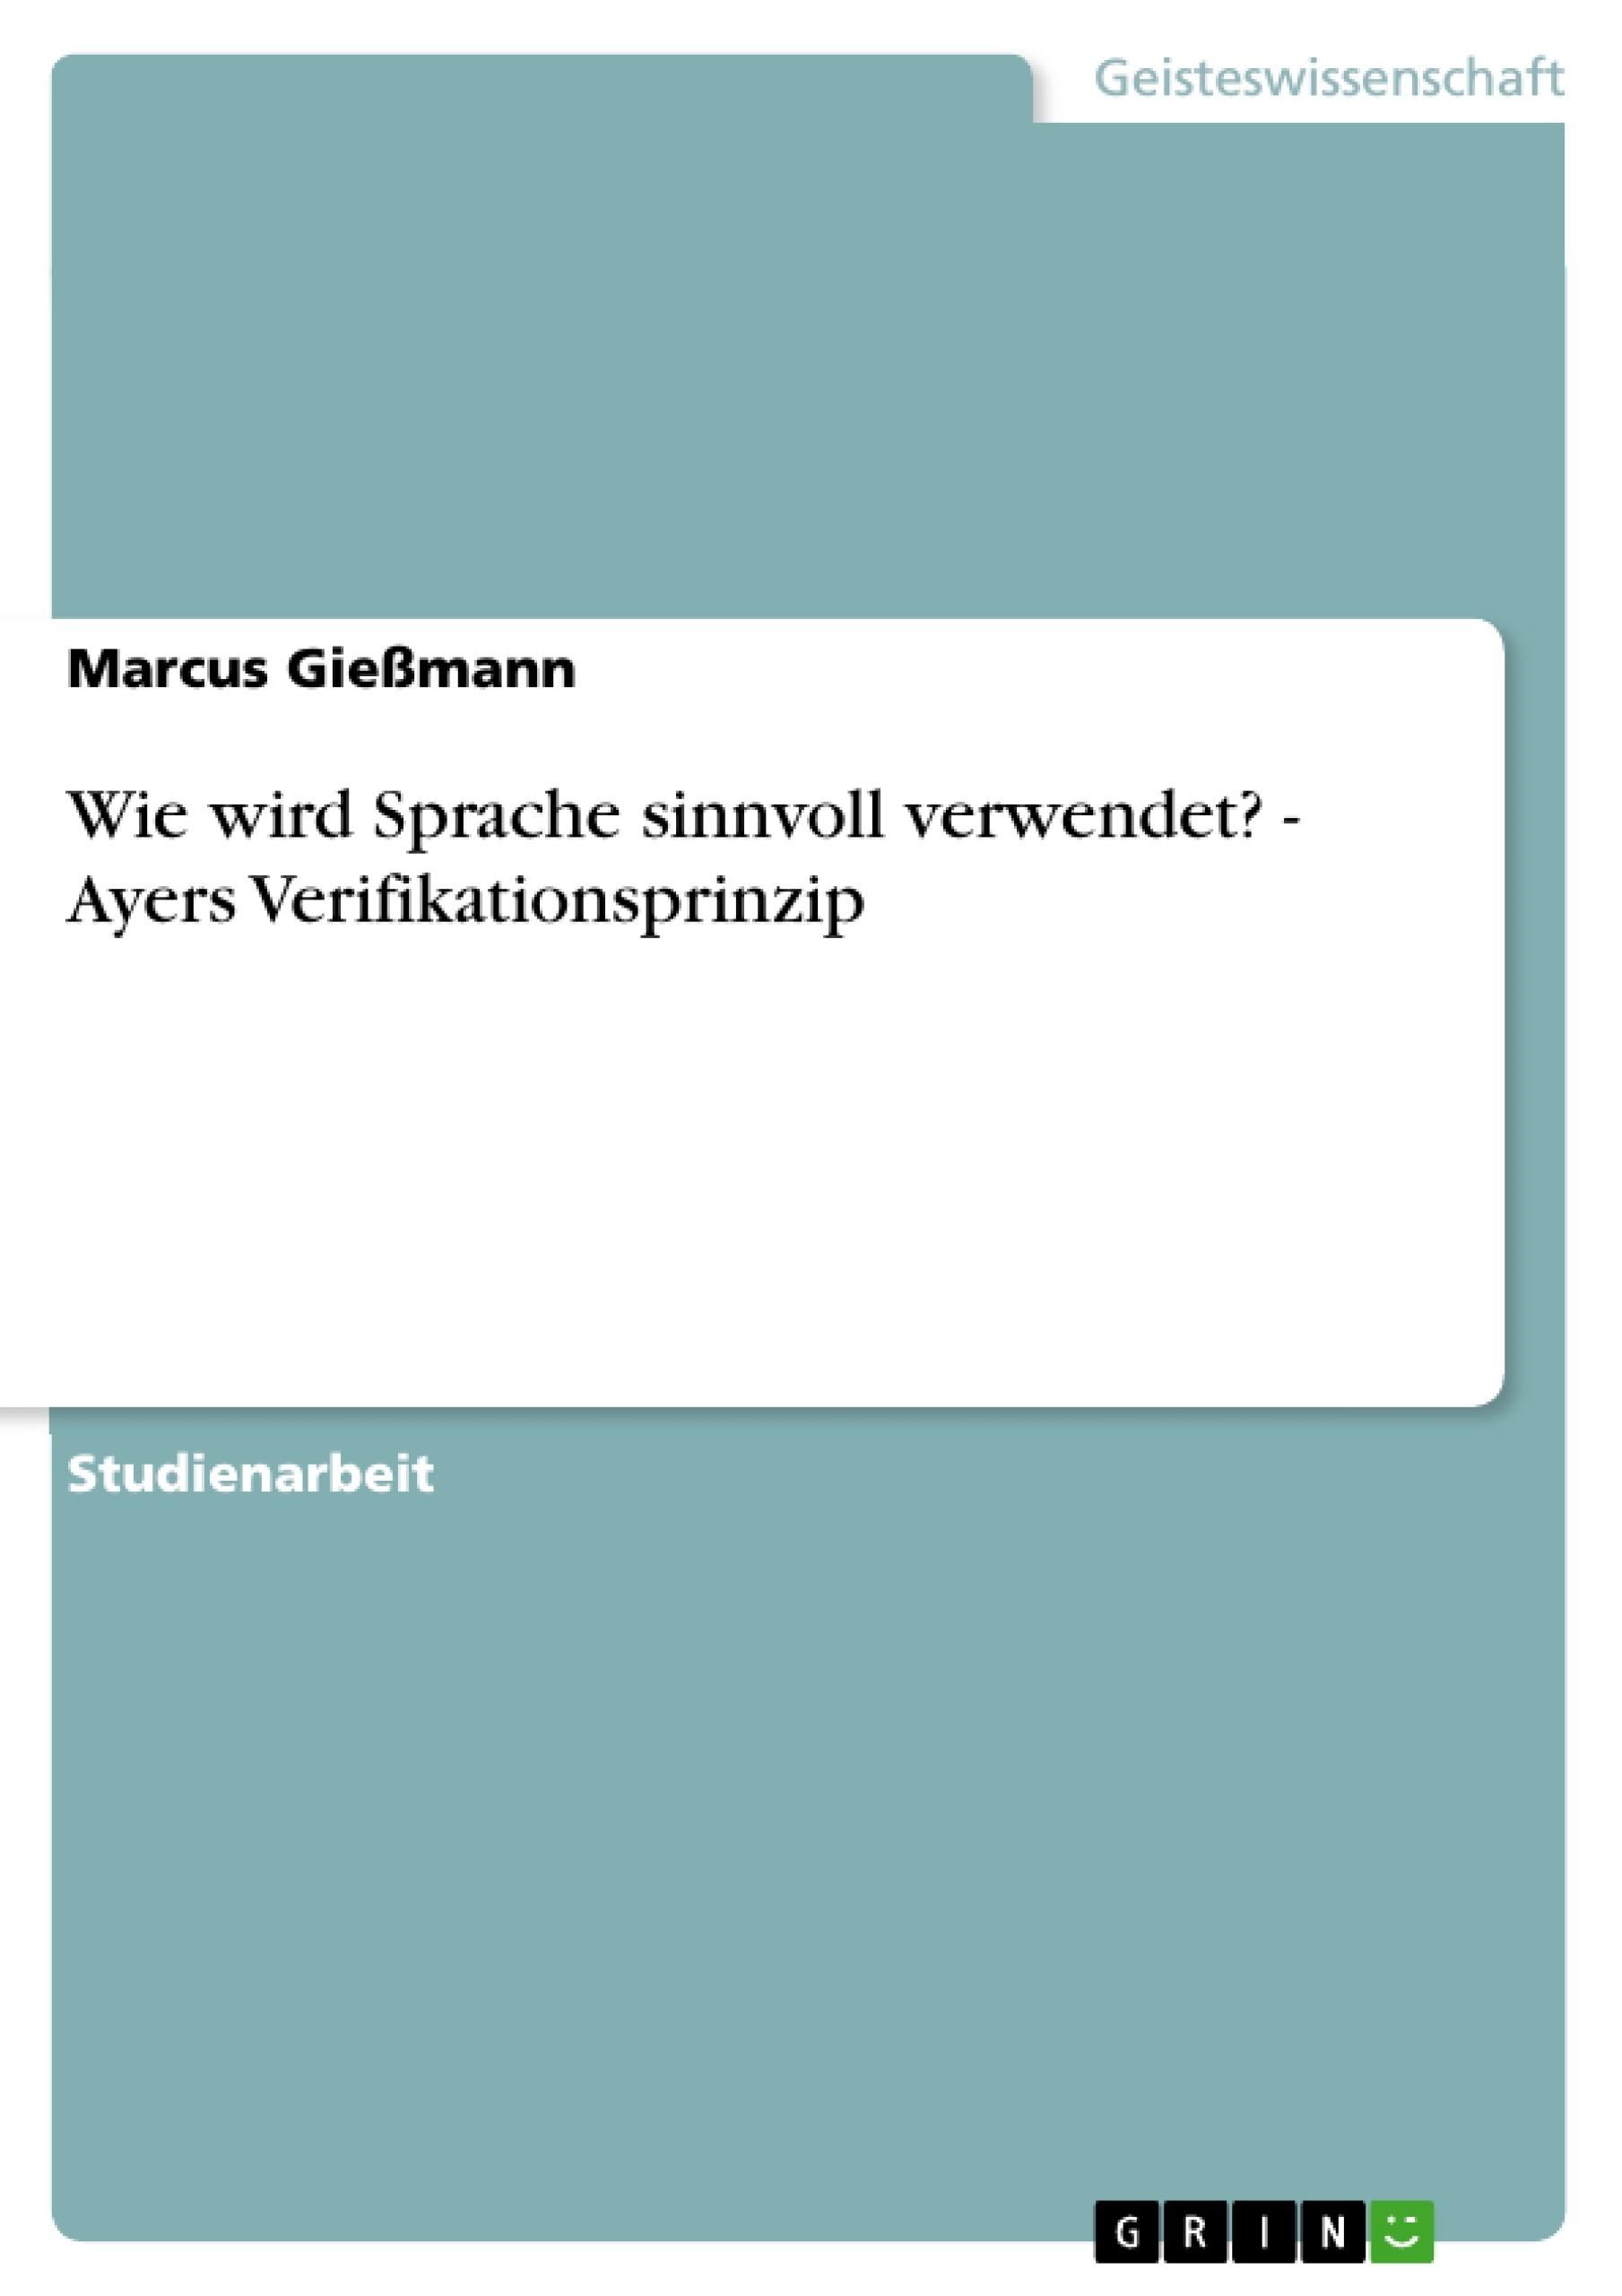 Titel: Wie wird Sprache sinnvoll verwendet? - Ayers Verifikationsprinzip